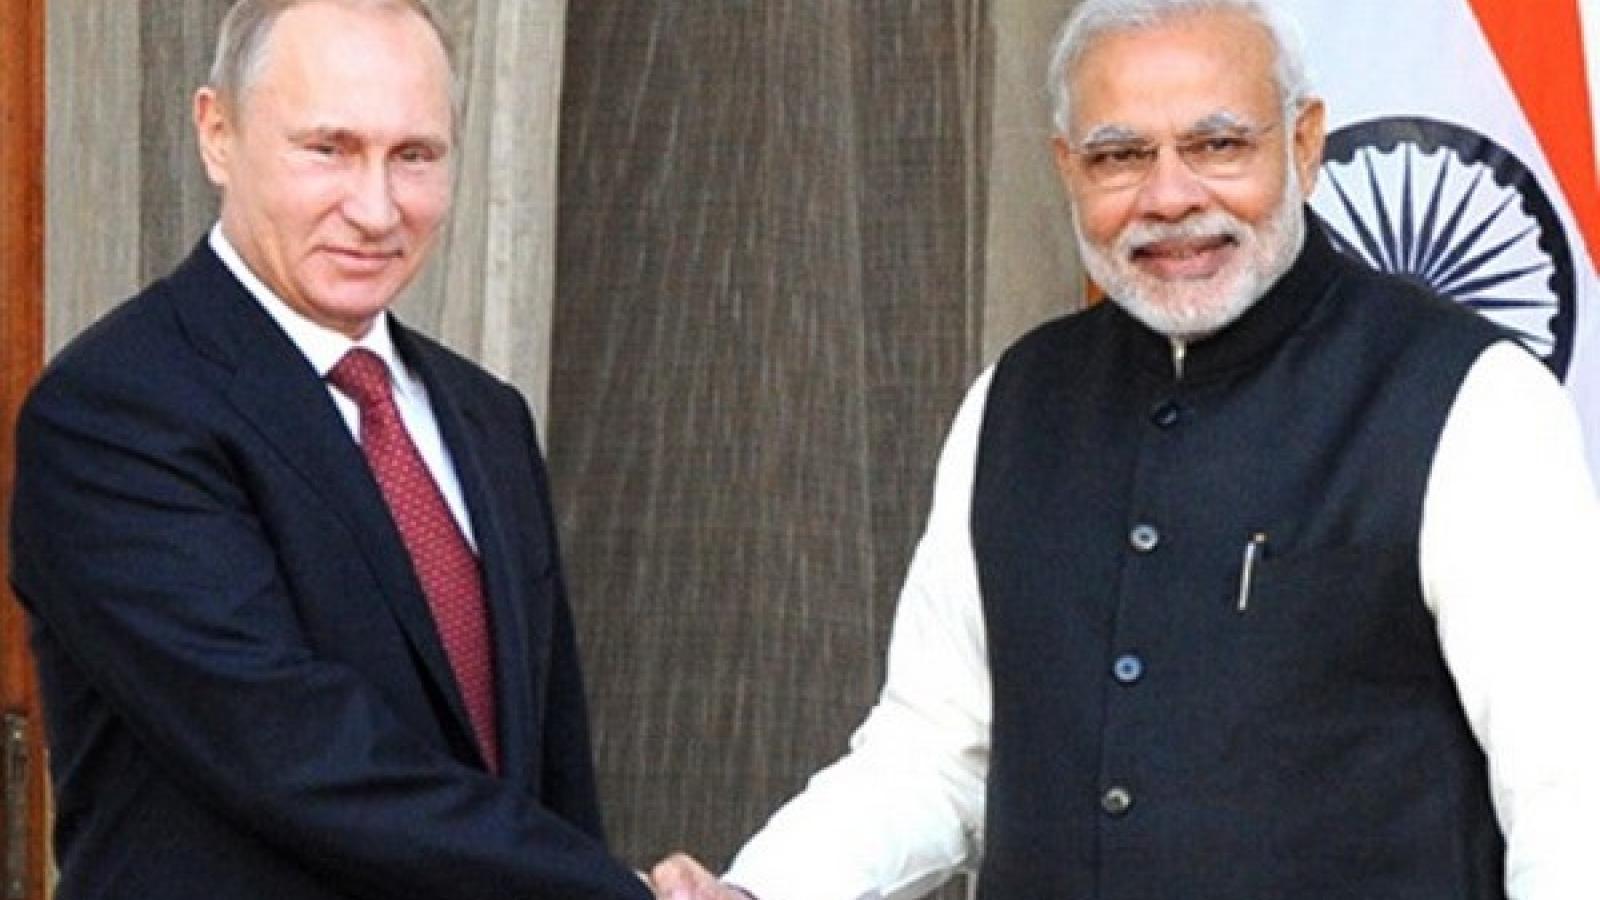 Ấn Độ - Nga thiết lập cơ chế Đối thoại 2+2 cấp bộ trưởng